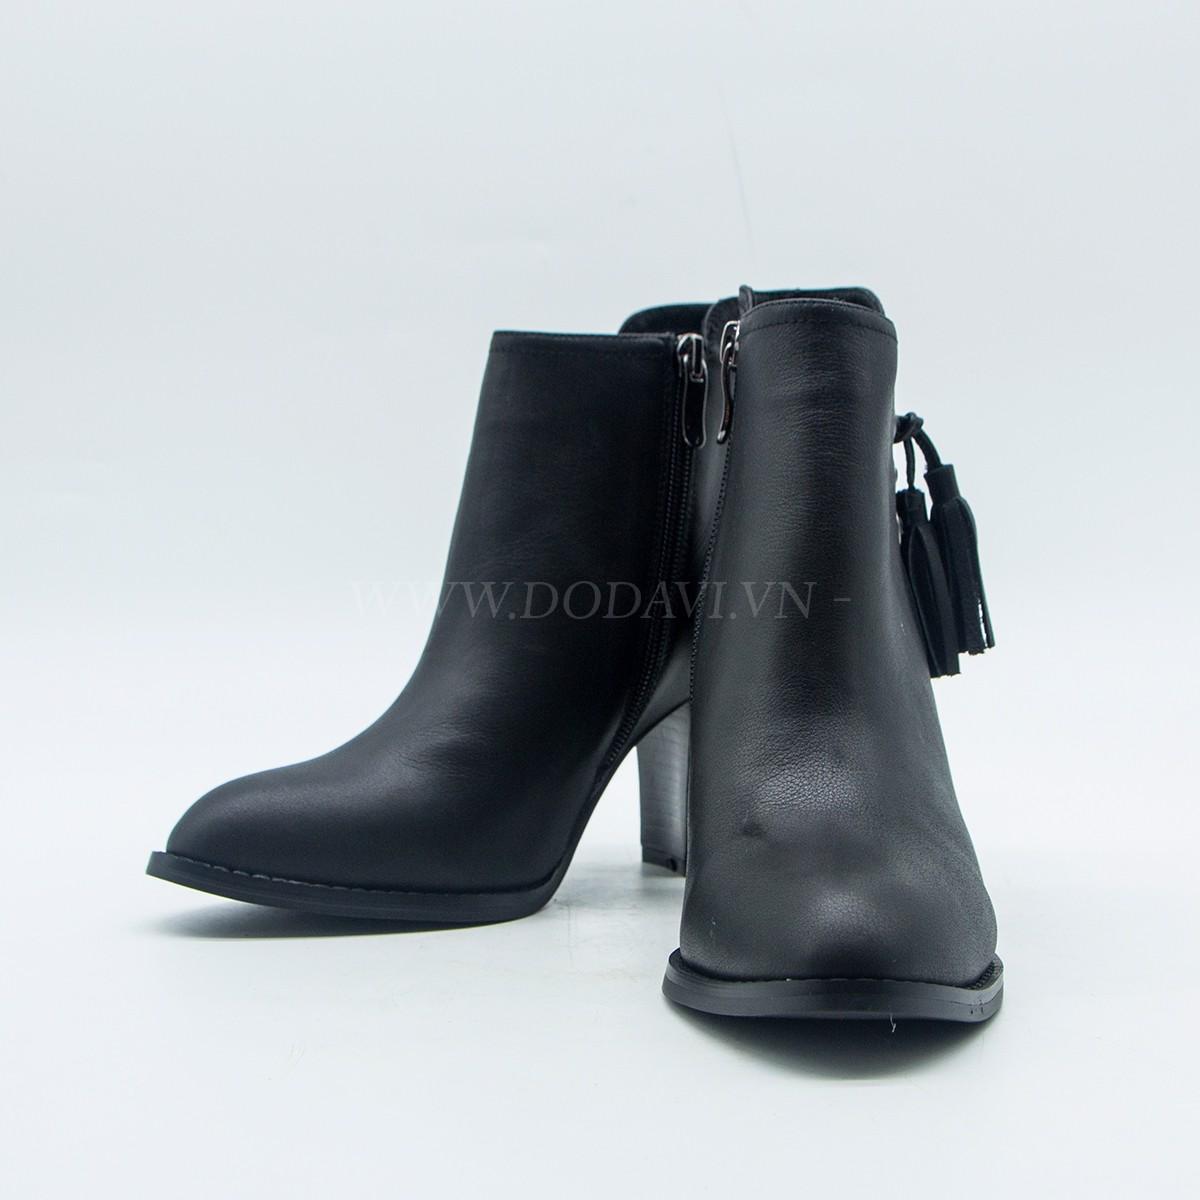 Boot da nữ cổ thấp 2810-9.37